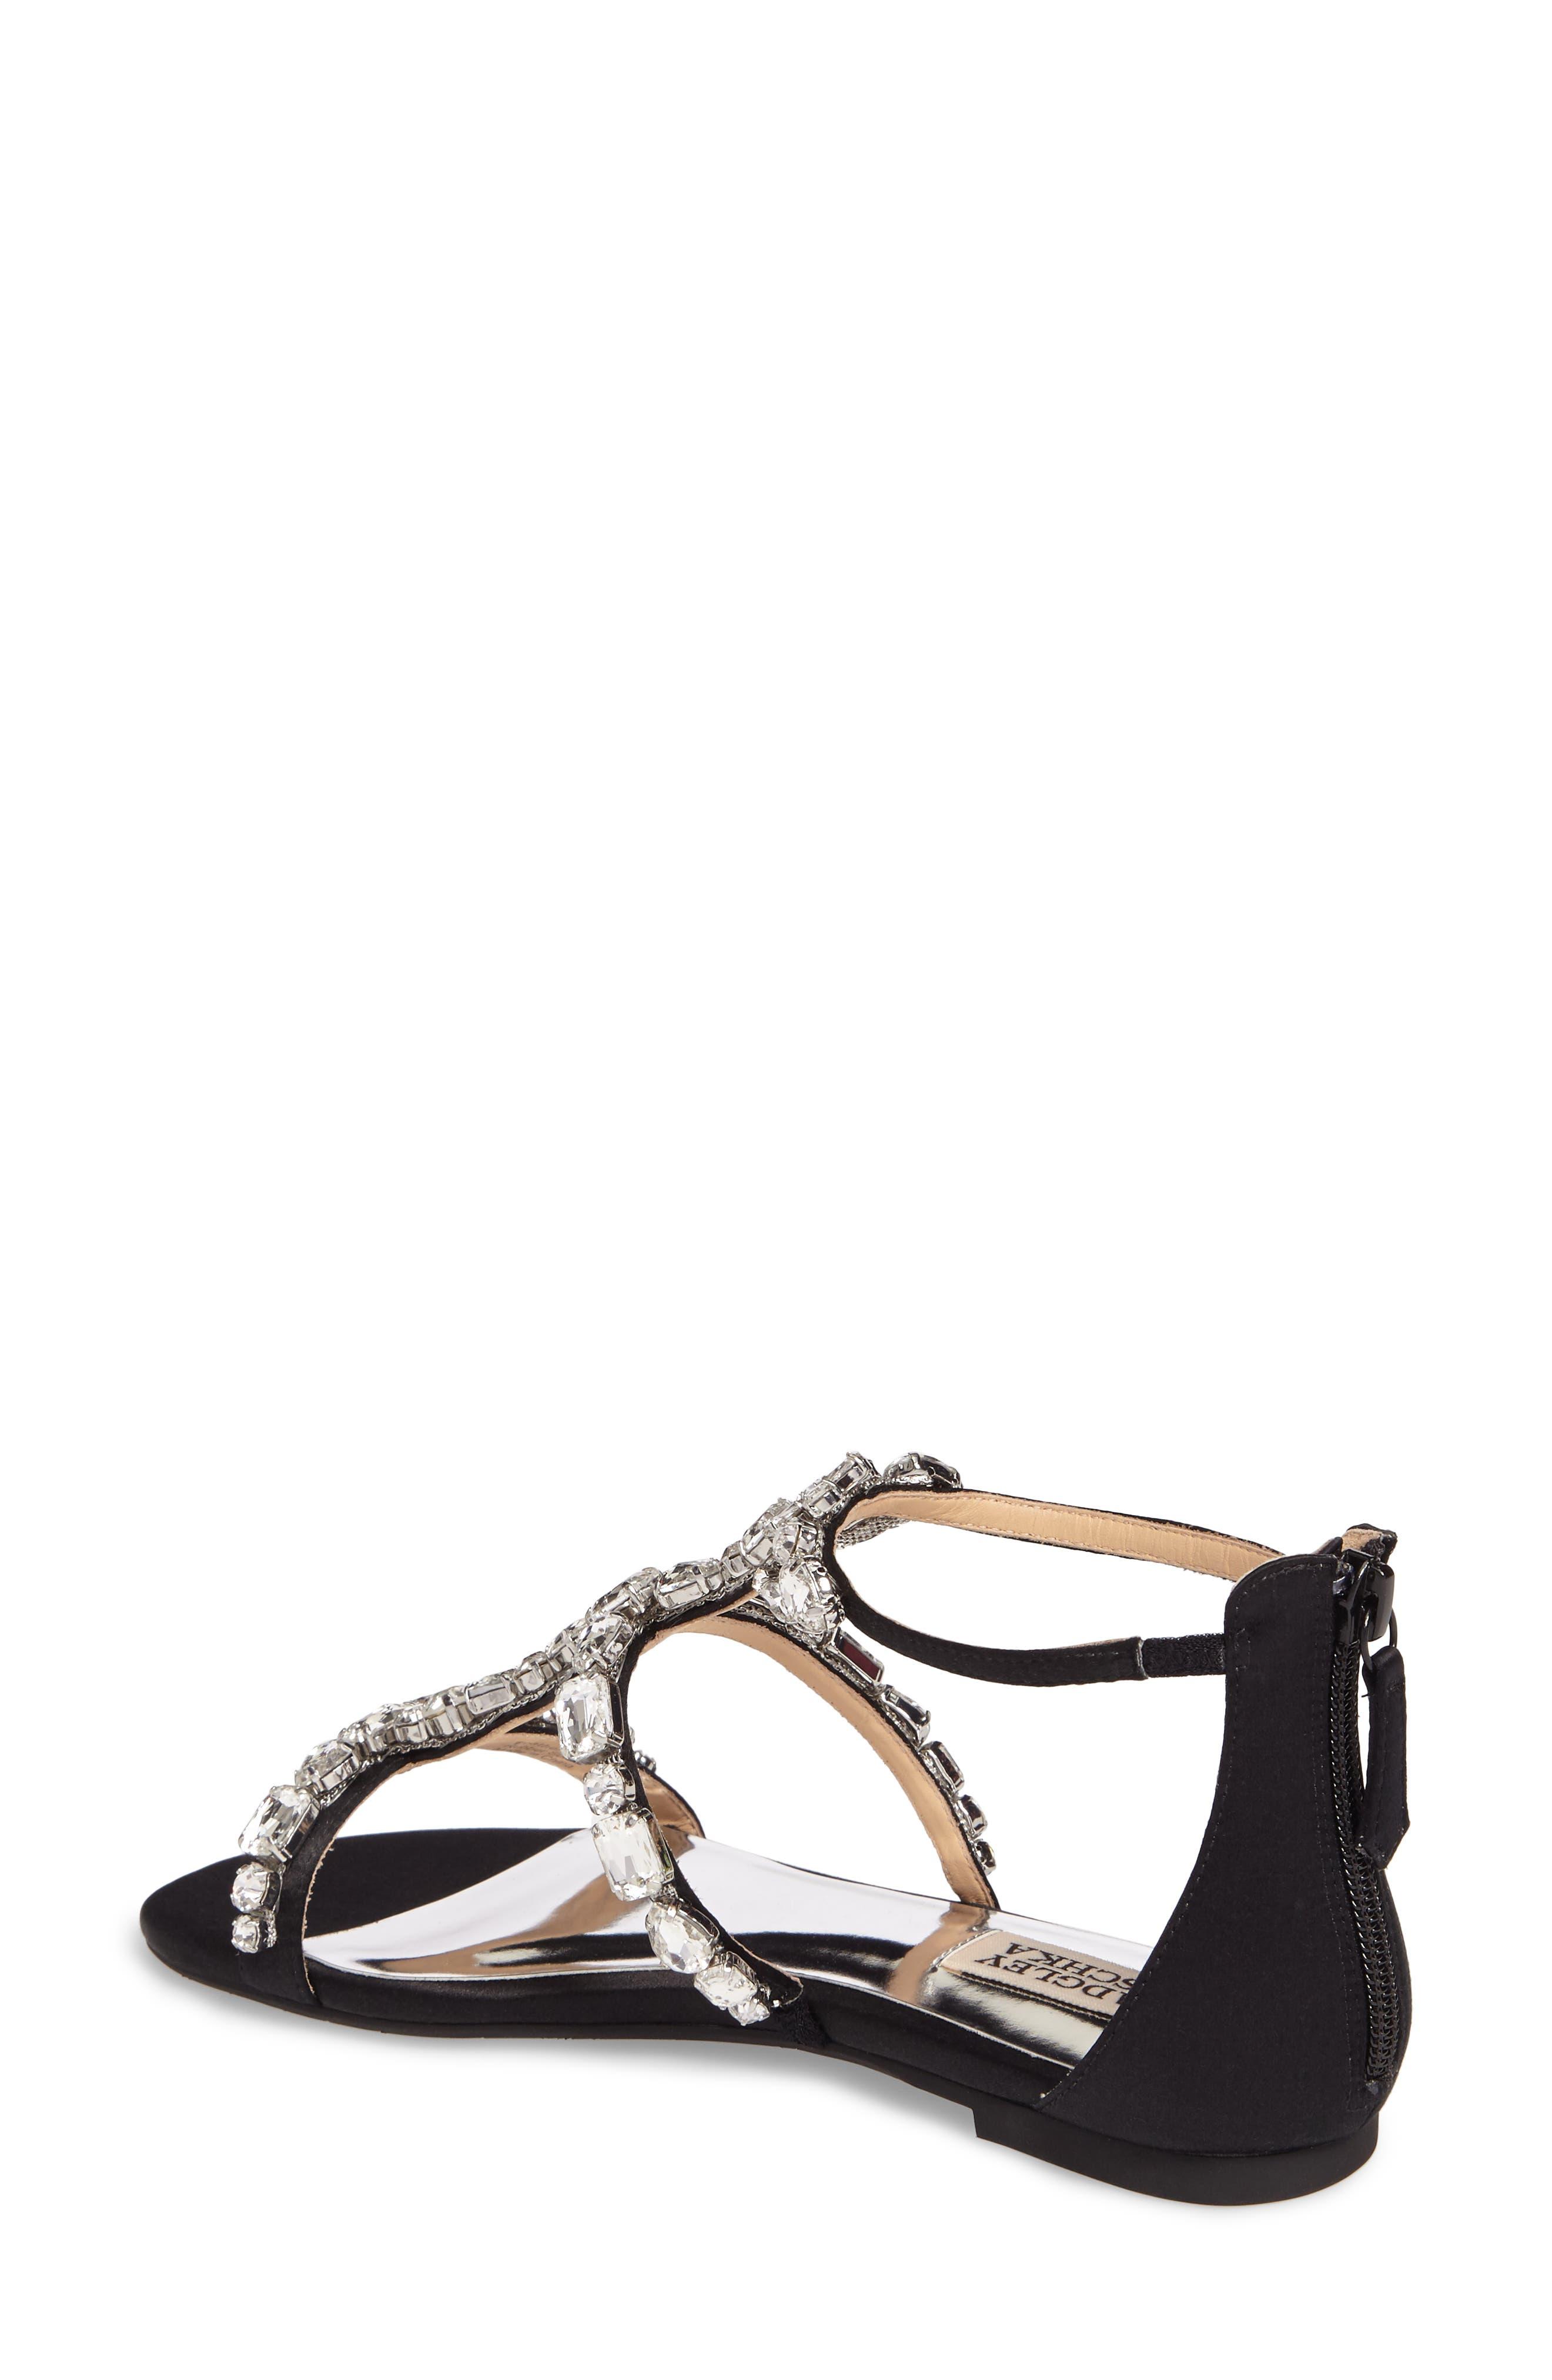 Alternate Image 2  - Badgley Mischka Warren Crystal Embellished Sandal (Women)